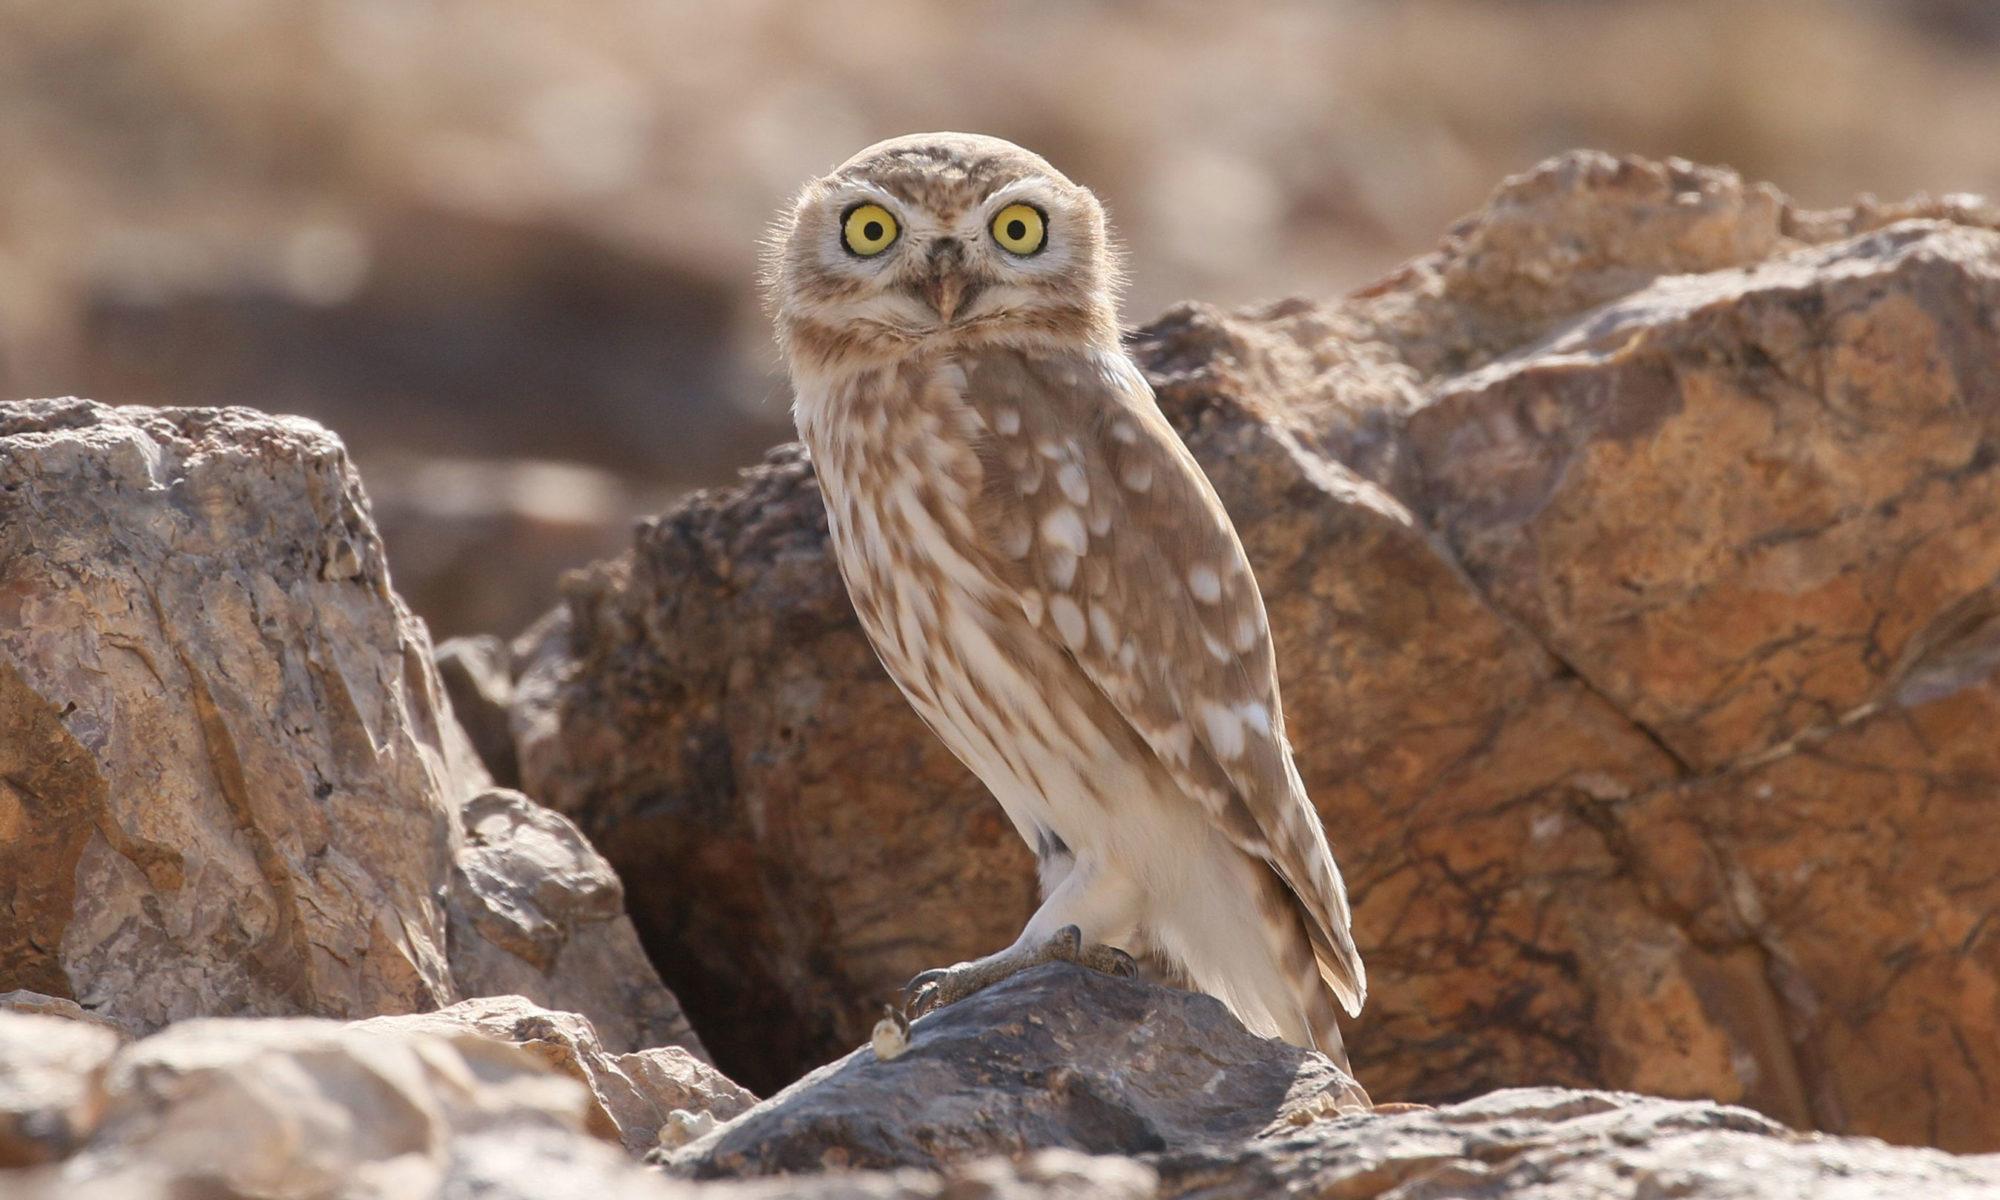 Jordan BirdWatch Owl in Jordan